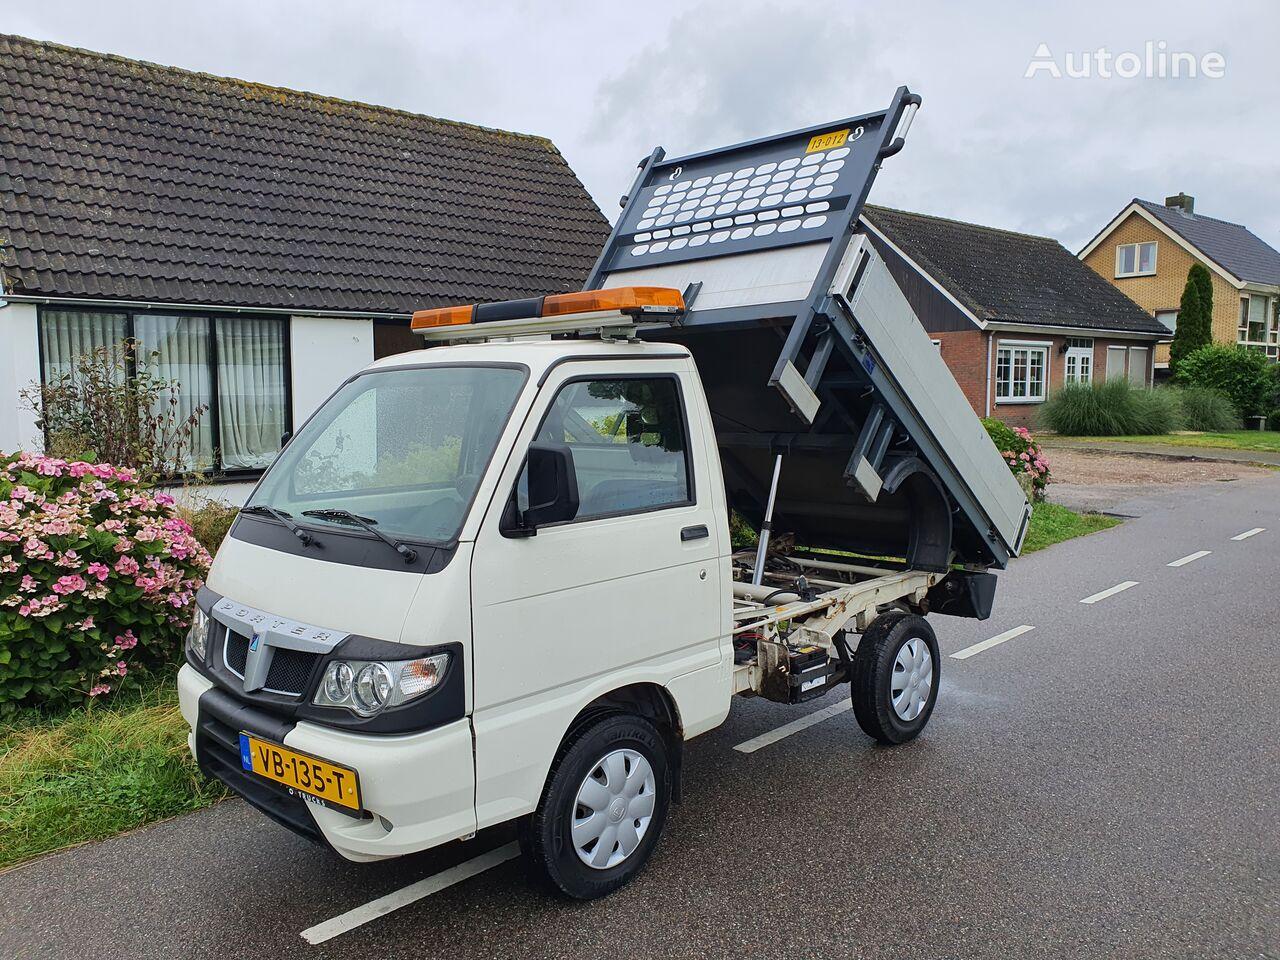 PIAGGIO SL Extra kamion kiper < 3.5t